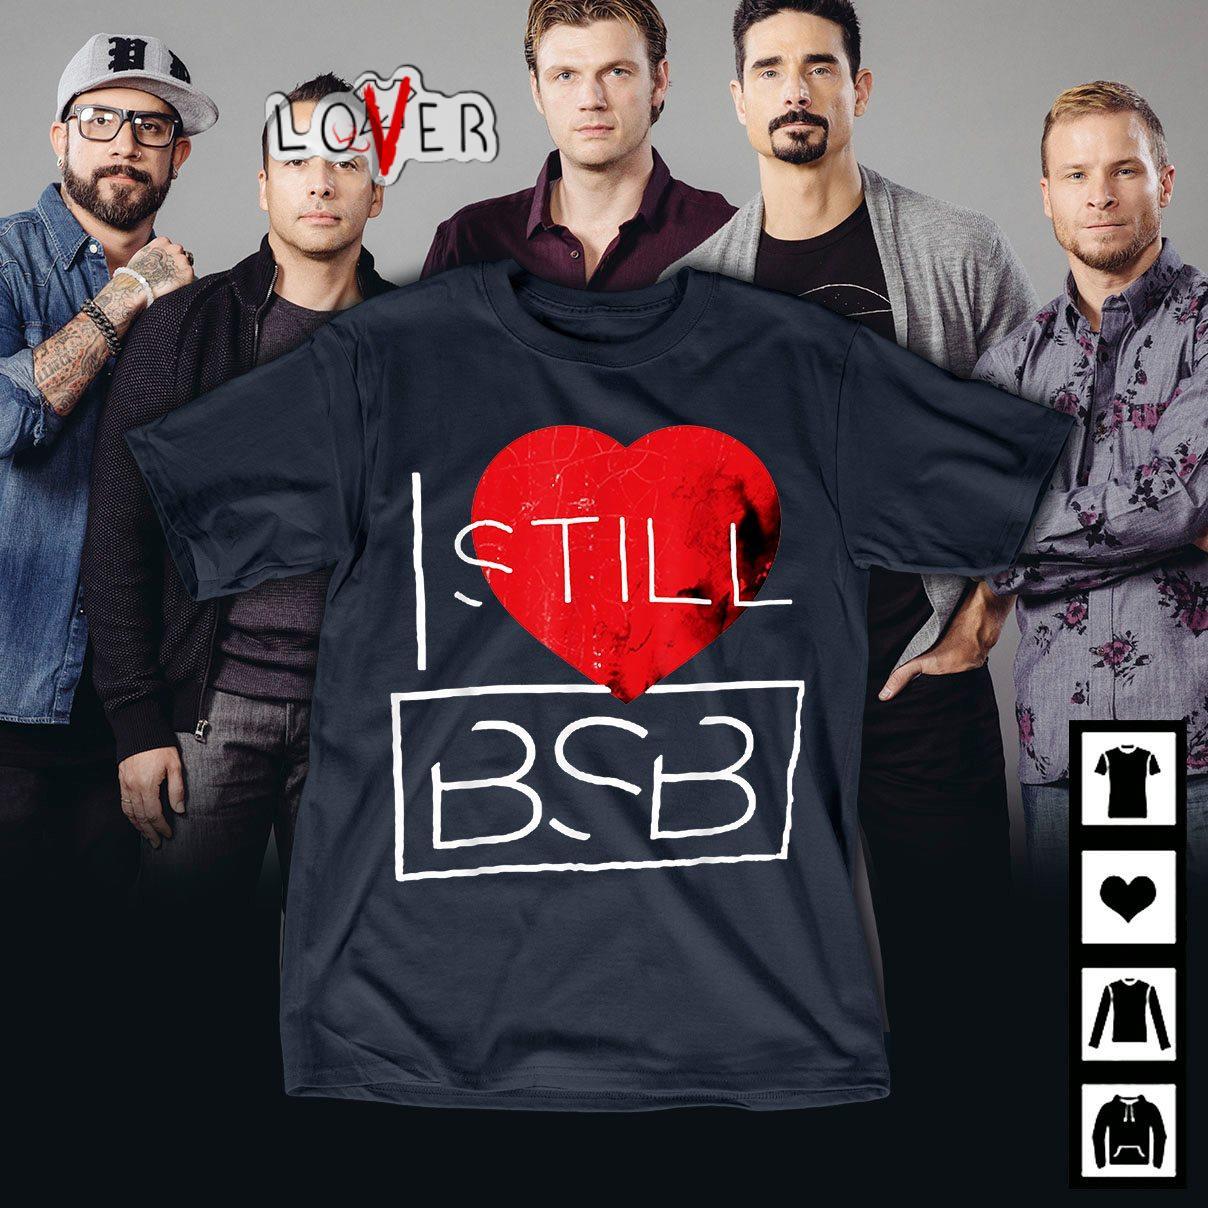 Backstreet Boys still love BSB shirtBackstreet Boys still love BSB shirt